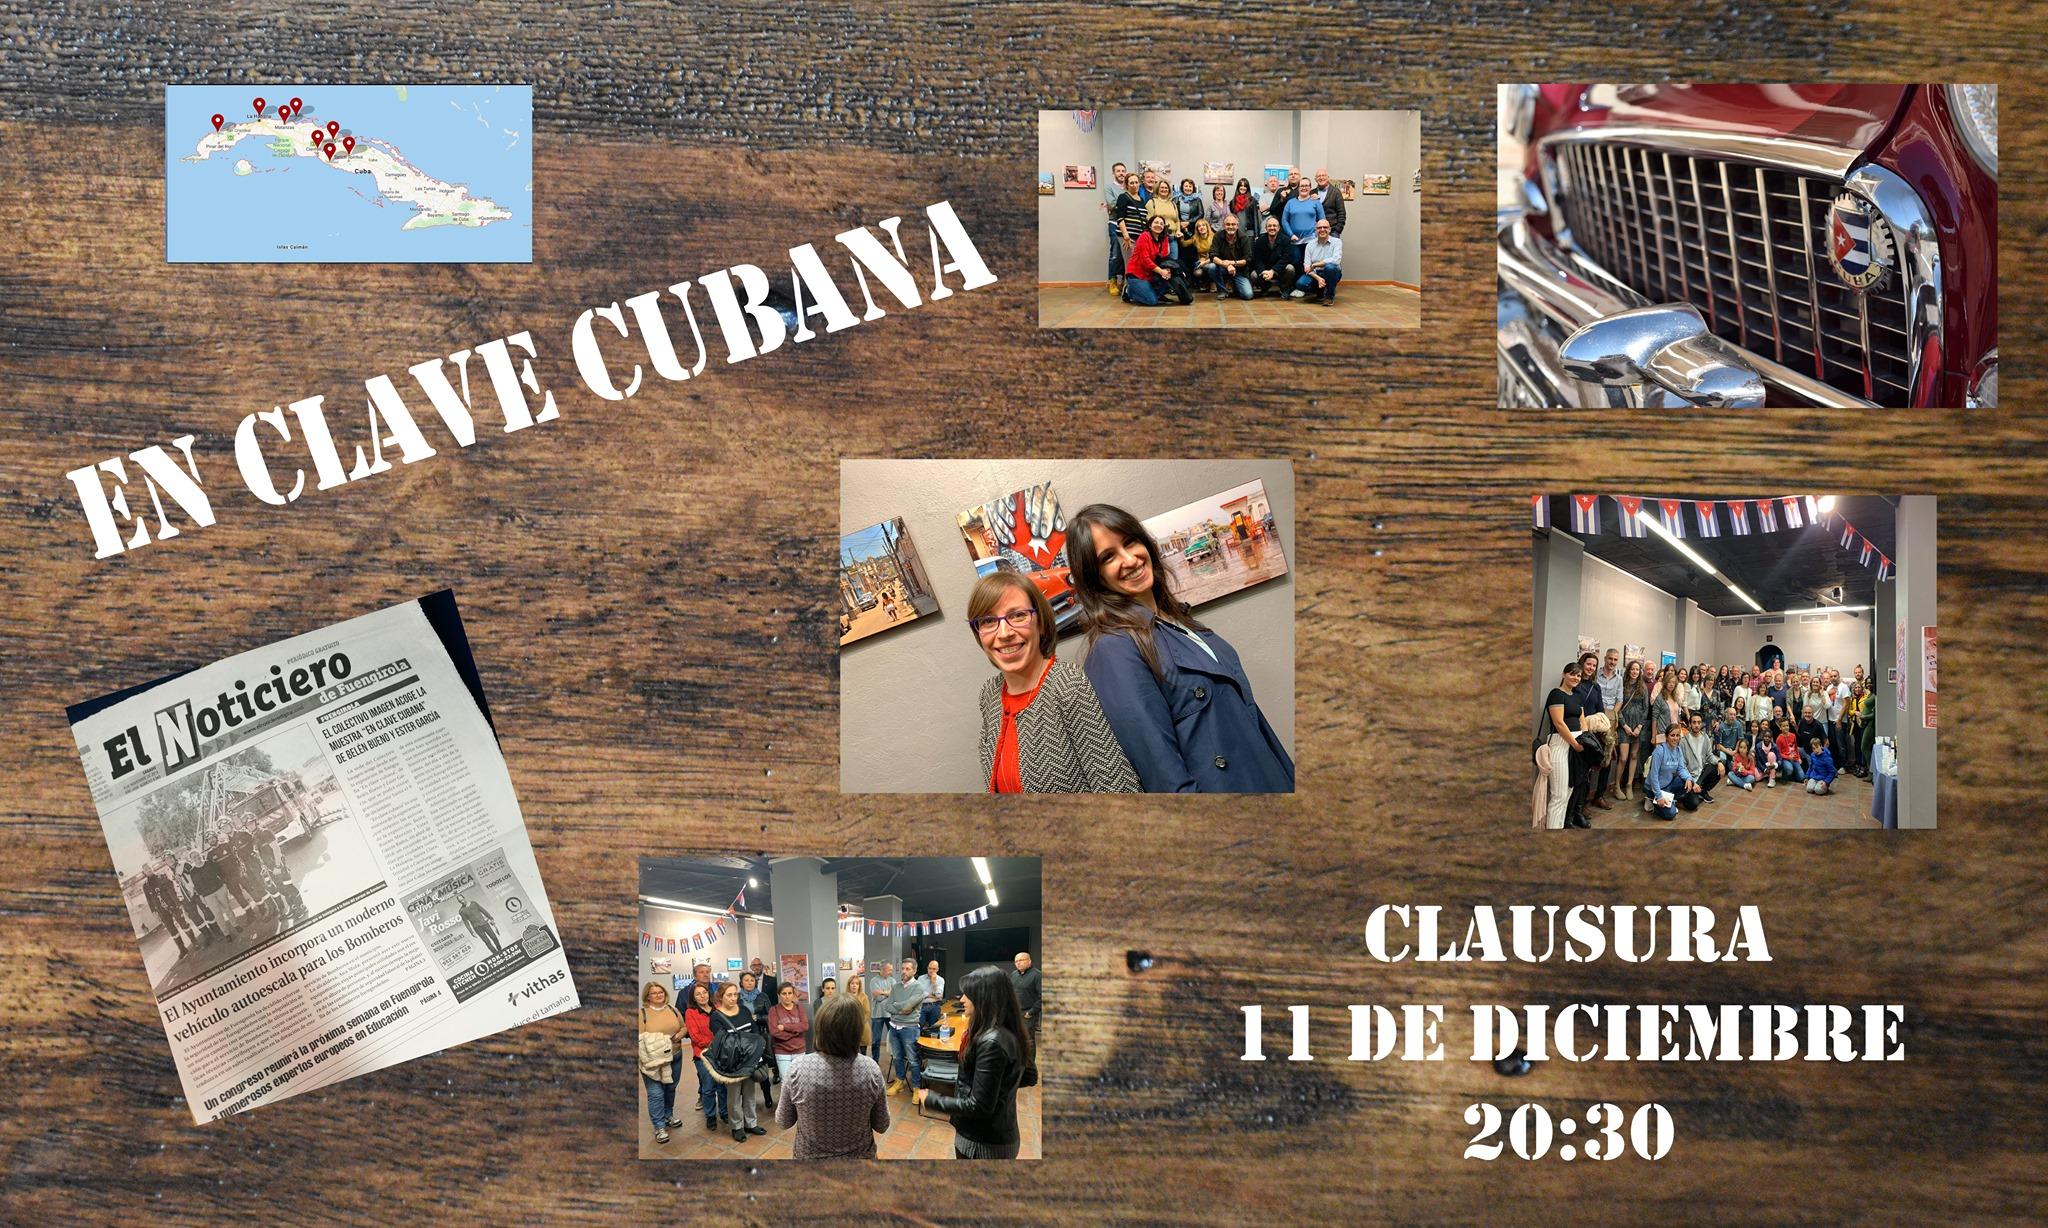 Clausura de En Clave Cubana, de Belén Bueno y Ester García